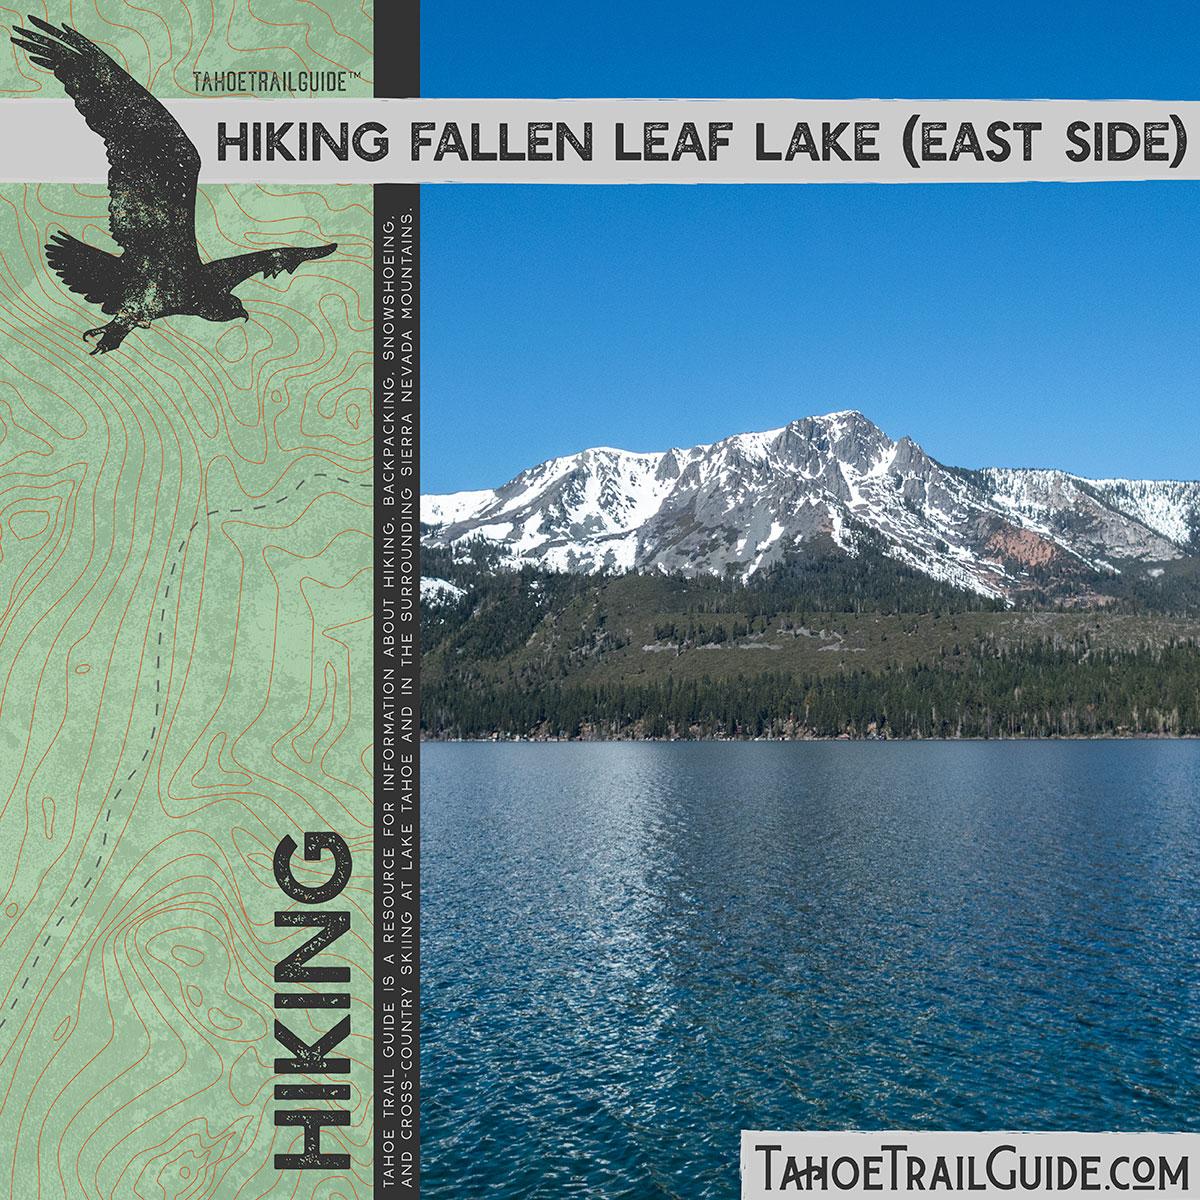 Hiking Fallen Leaf Lake